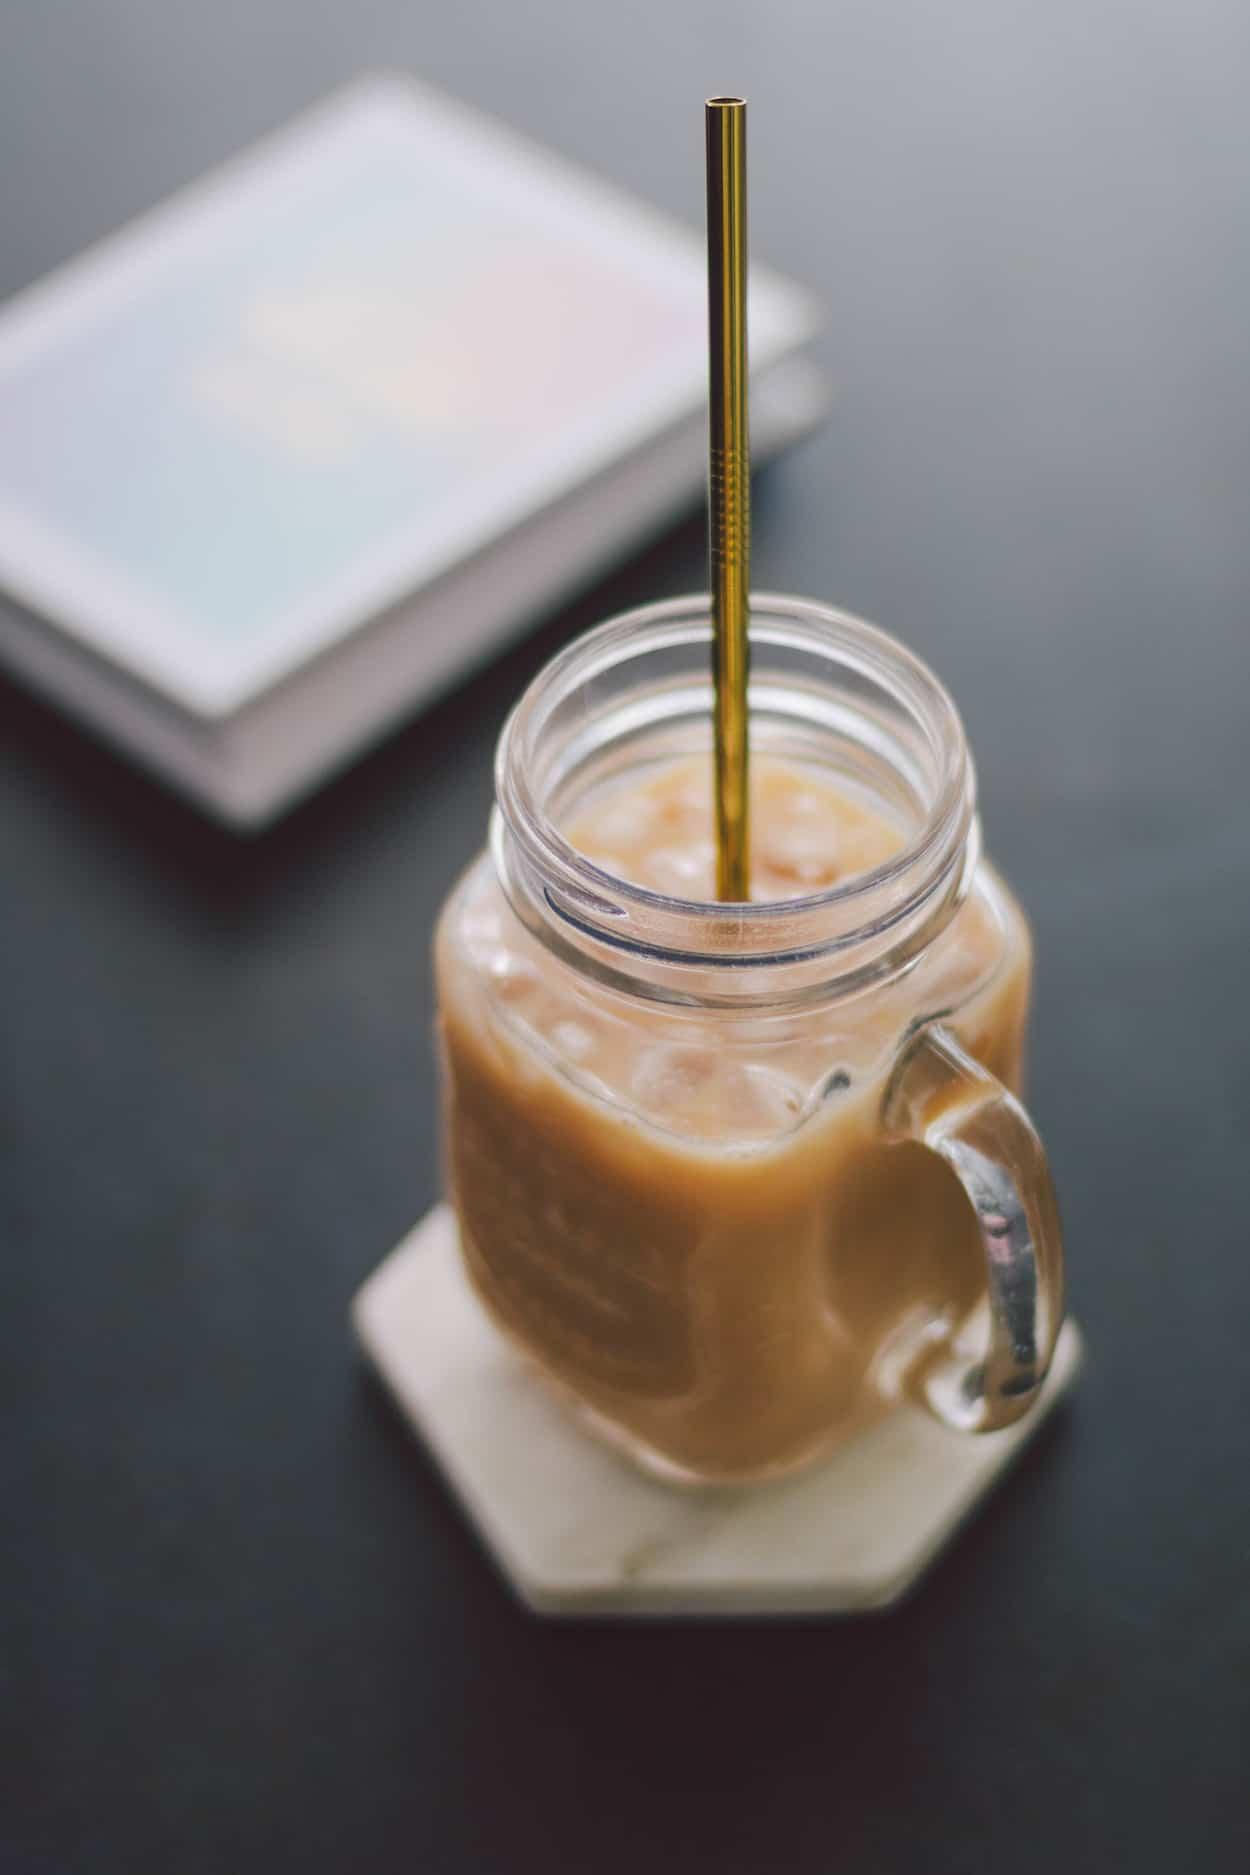 Hong Kong iced milk tea